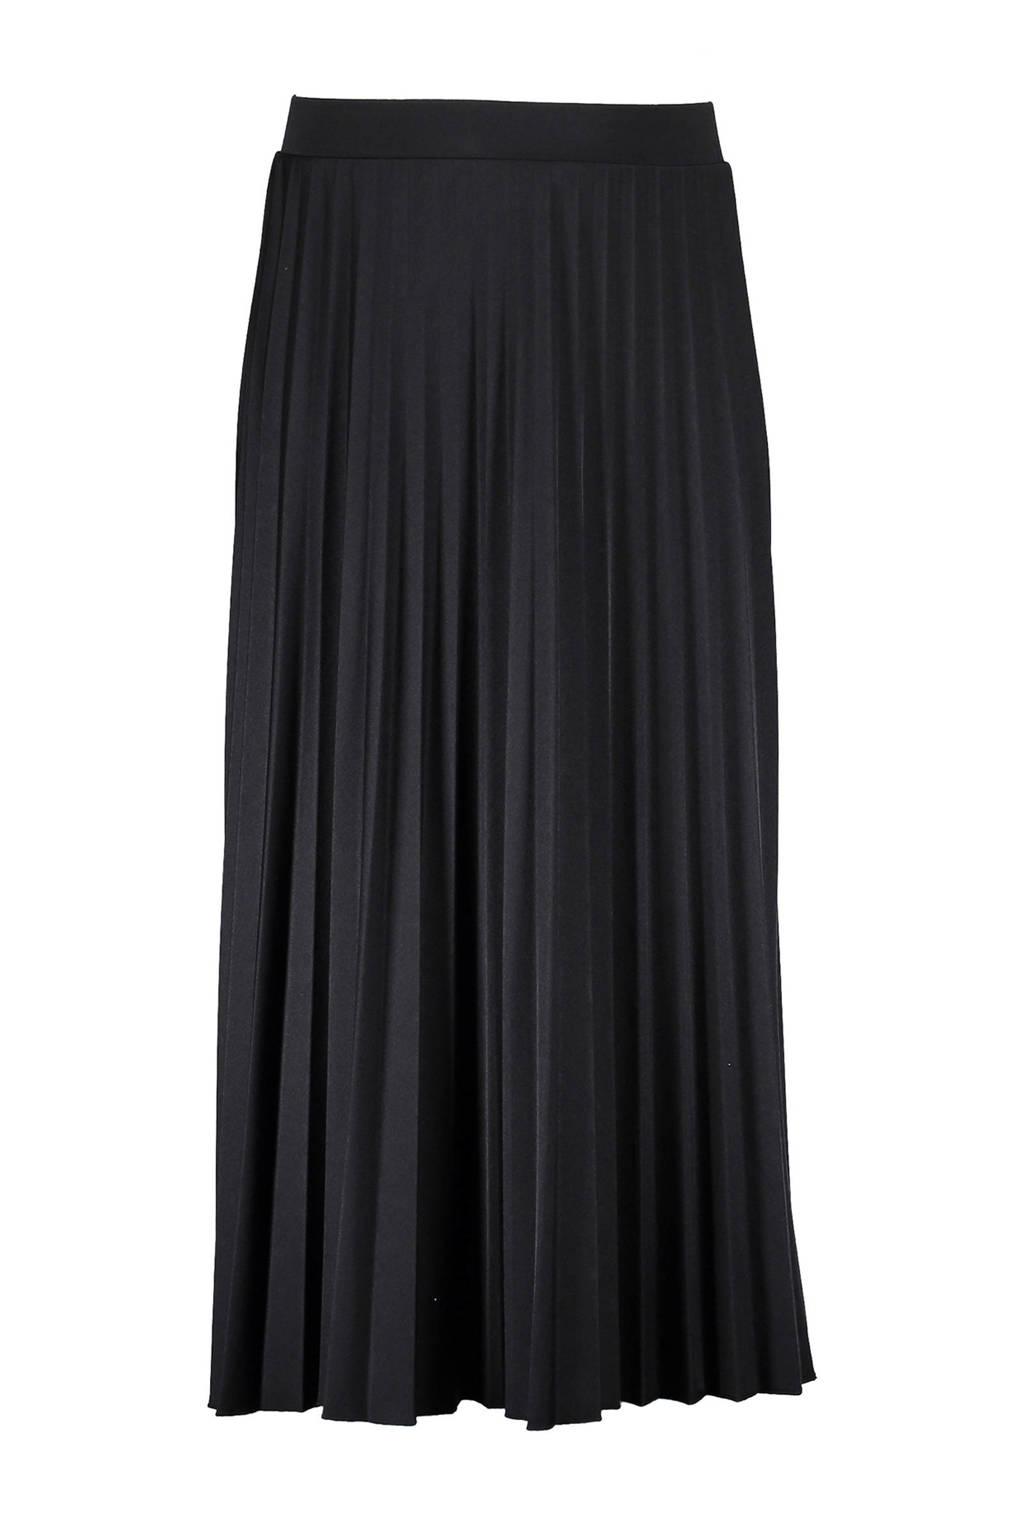 Geisha plissé rok zwart, Zwart